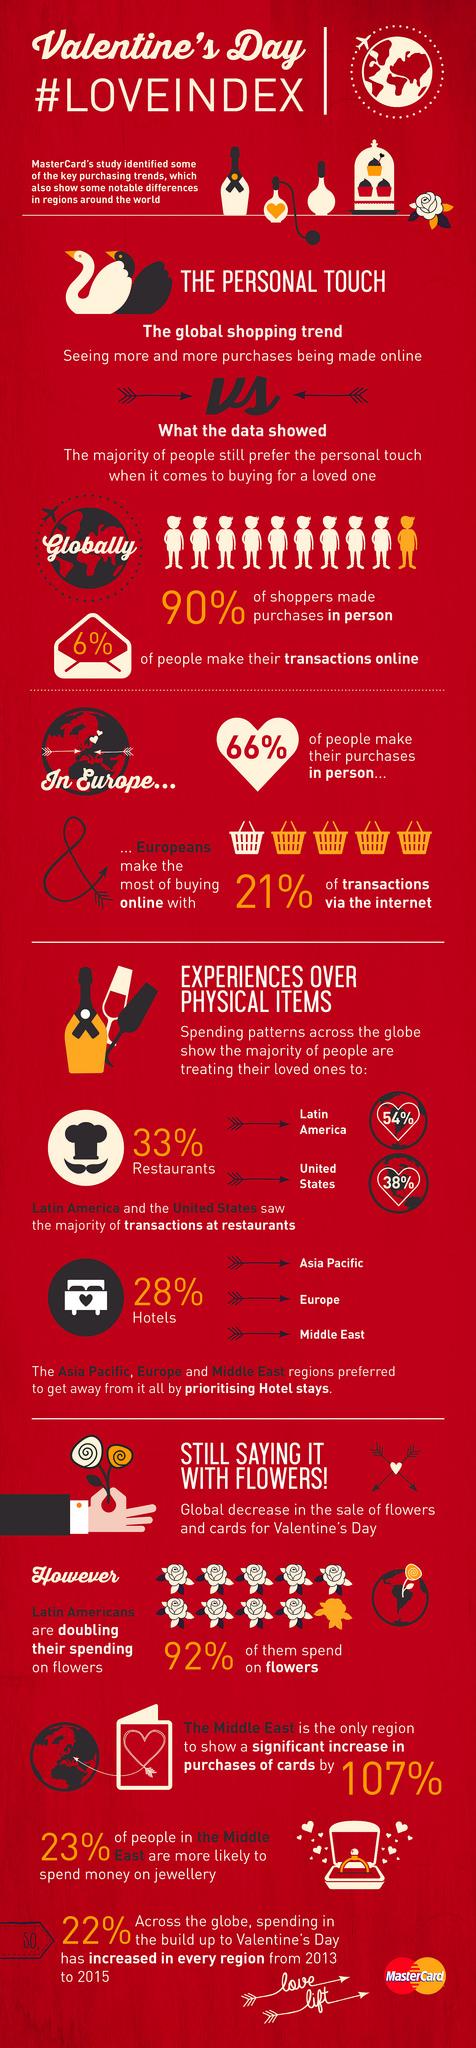 Walentynkowa infografika przedstawiająca zakupowe zwyczaje na całym świecie.